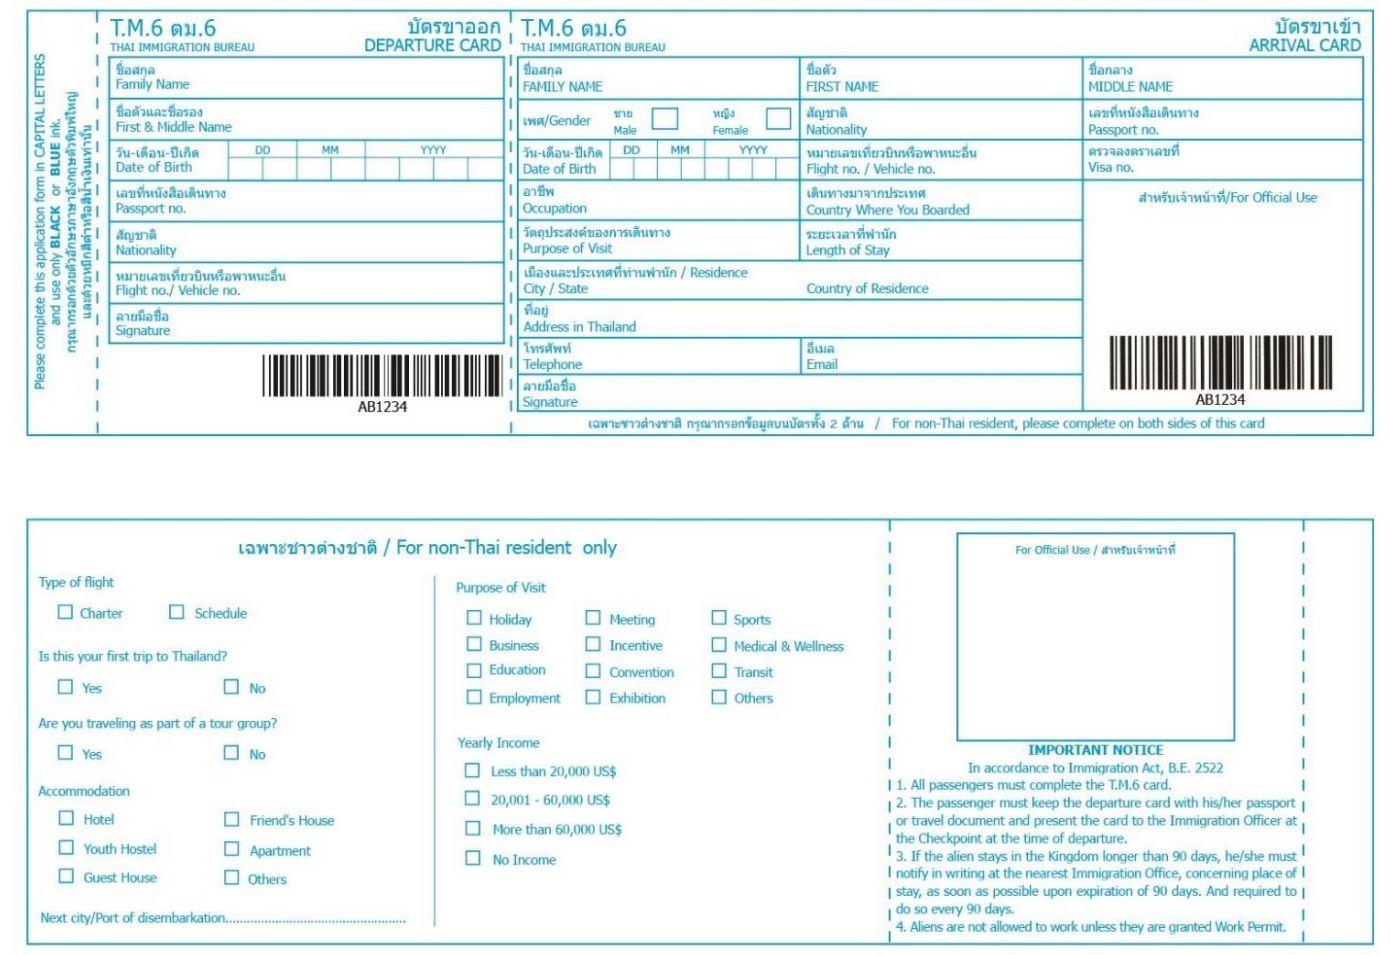 Formulario TM6, inmigración Tailandia